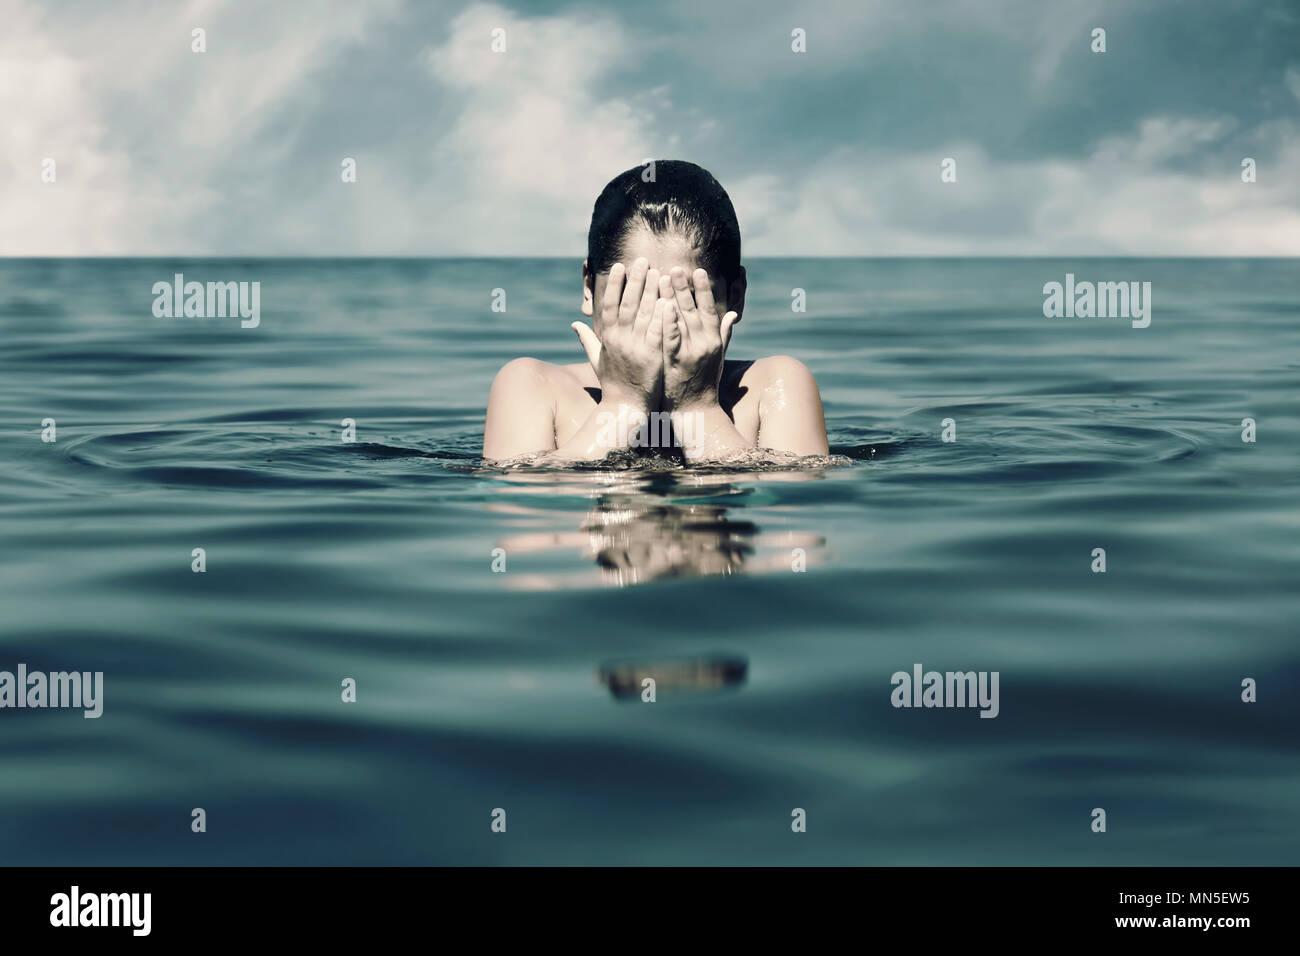 Caucasian muchachito que cubre su rostro con sus manos en el mar. Concepto de maltrato infantil, la depresión y la soledad. Imagen De Stock